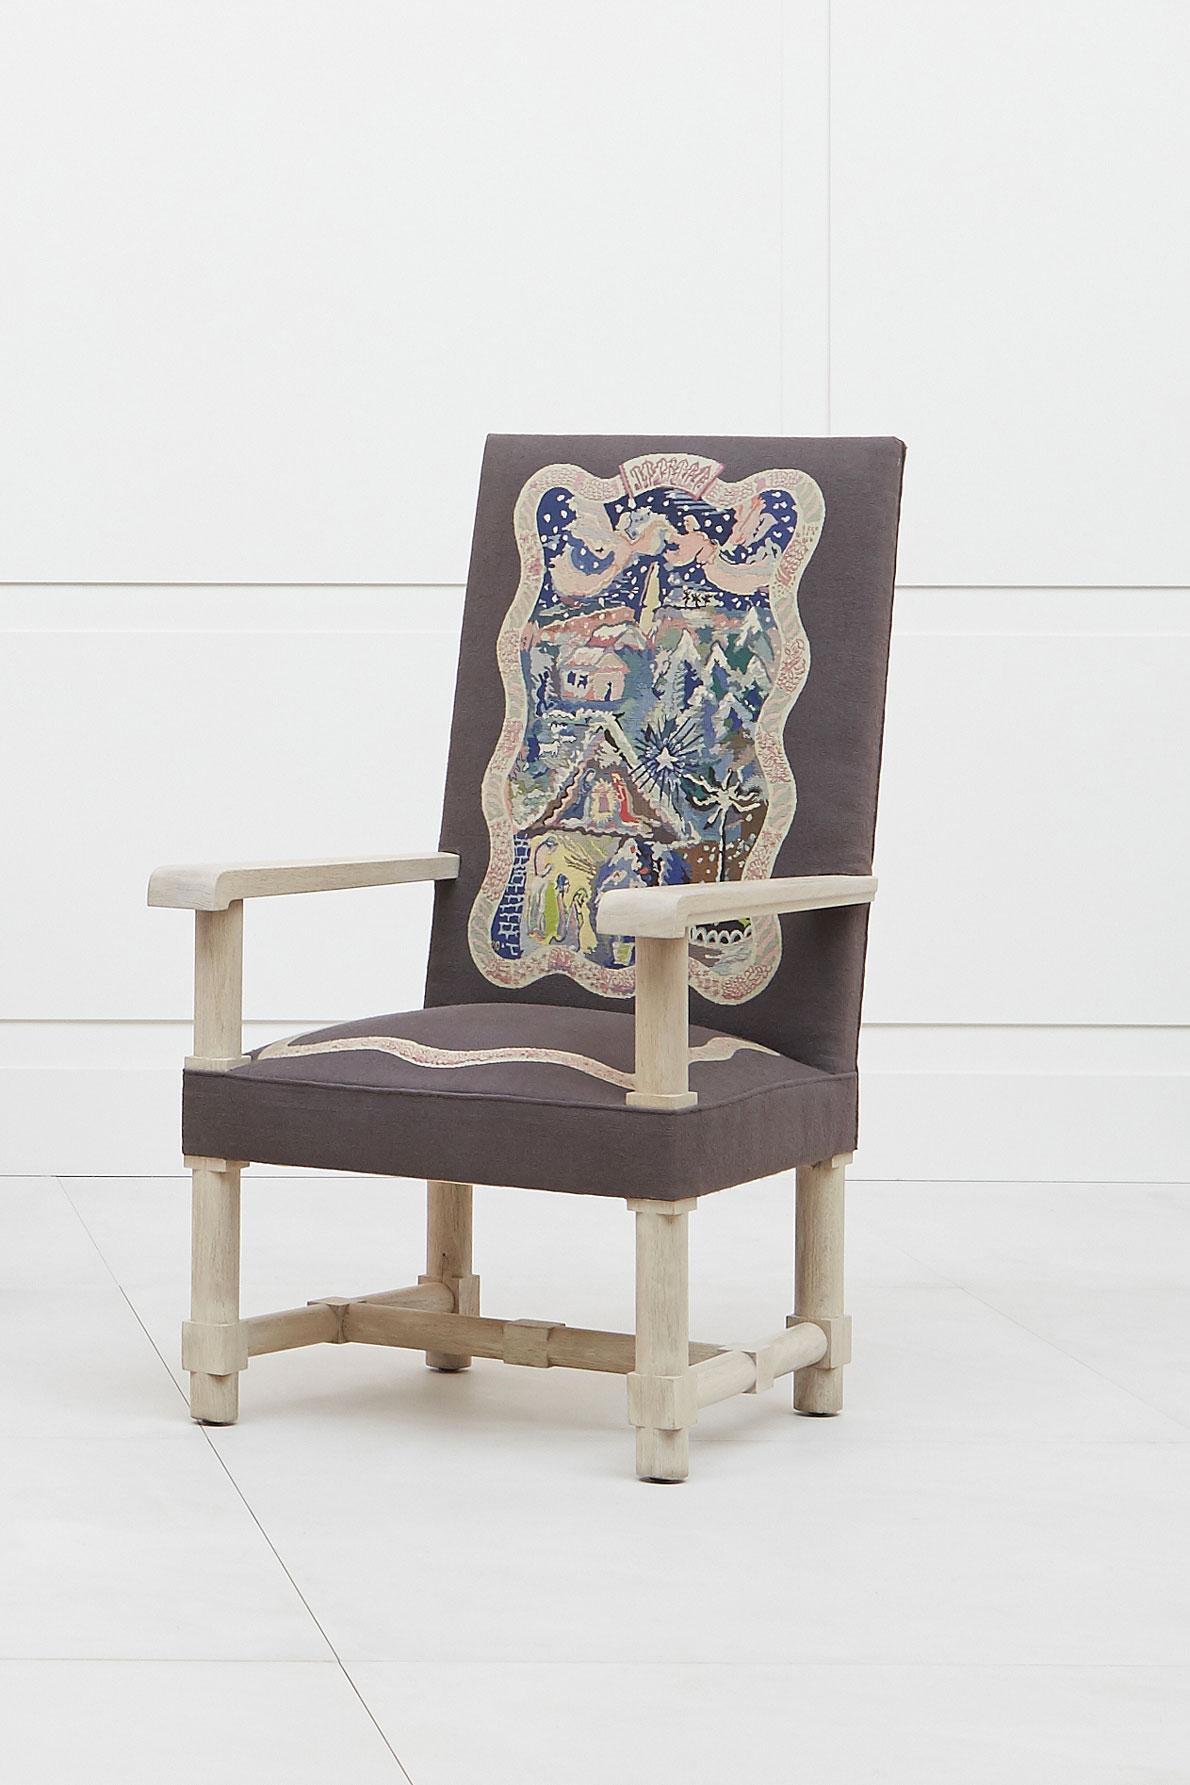 Jacques Adnet, Suite de quatre fauteuils «Les Quatre Saisons», vue 03